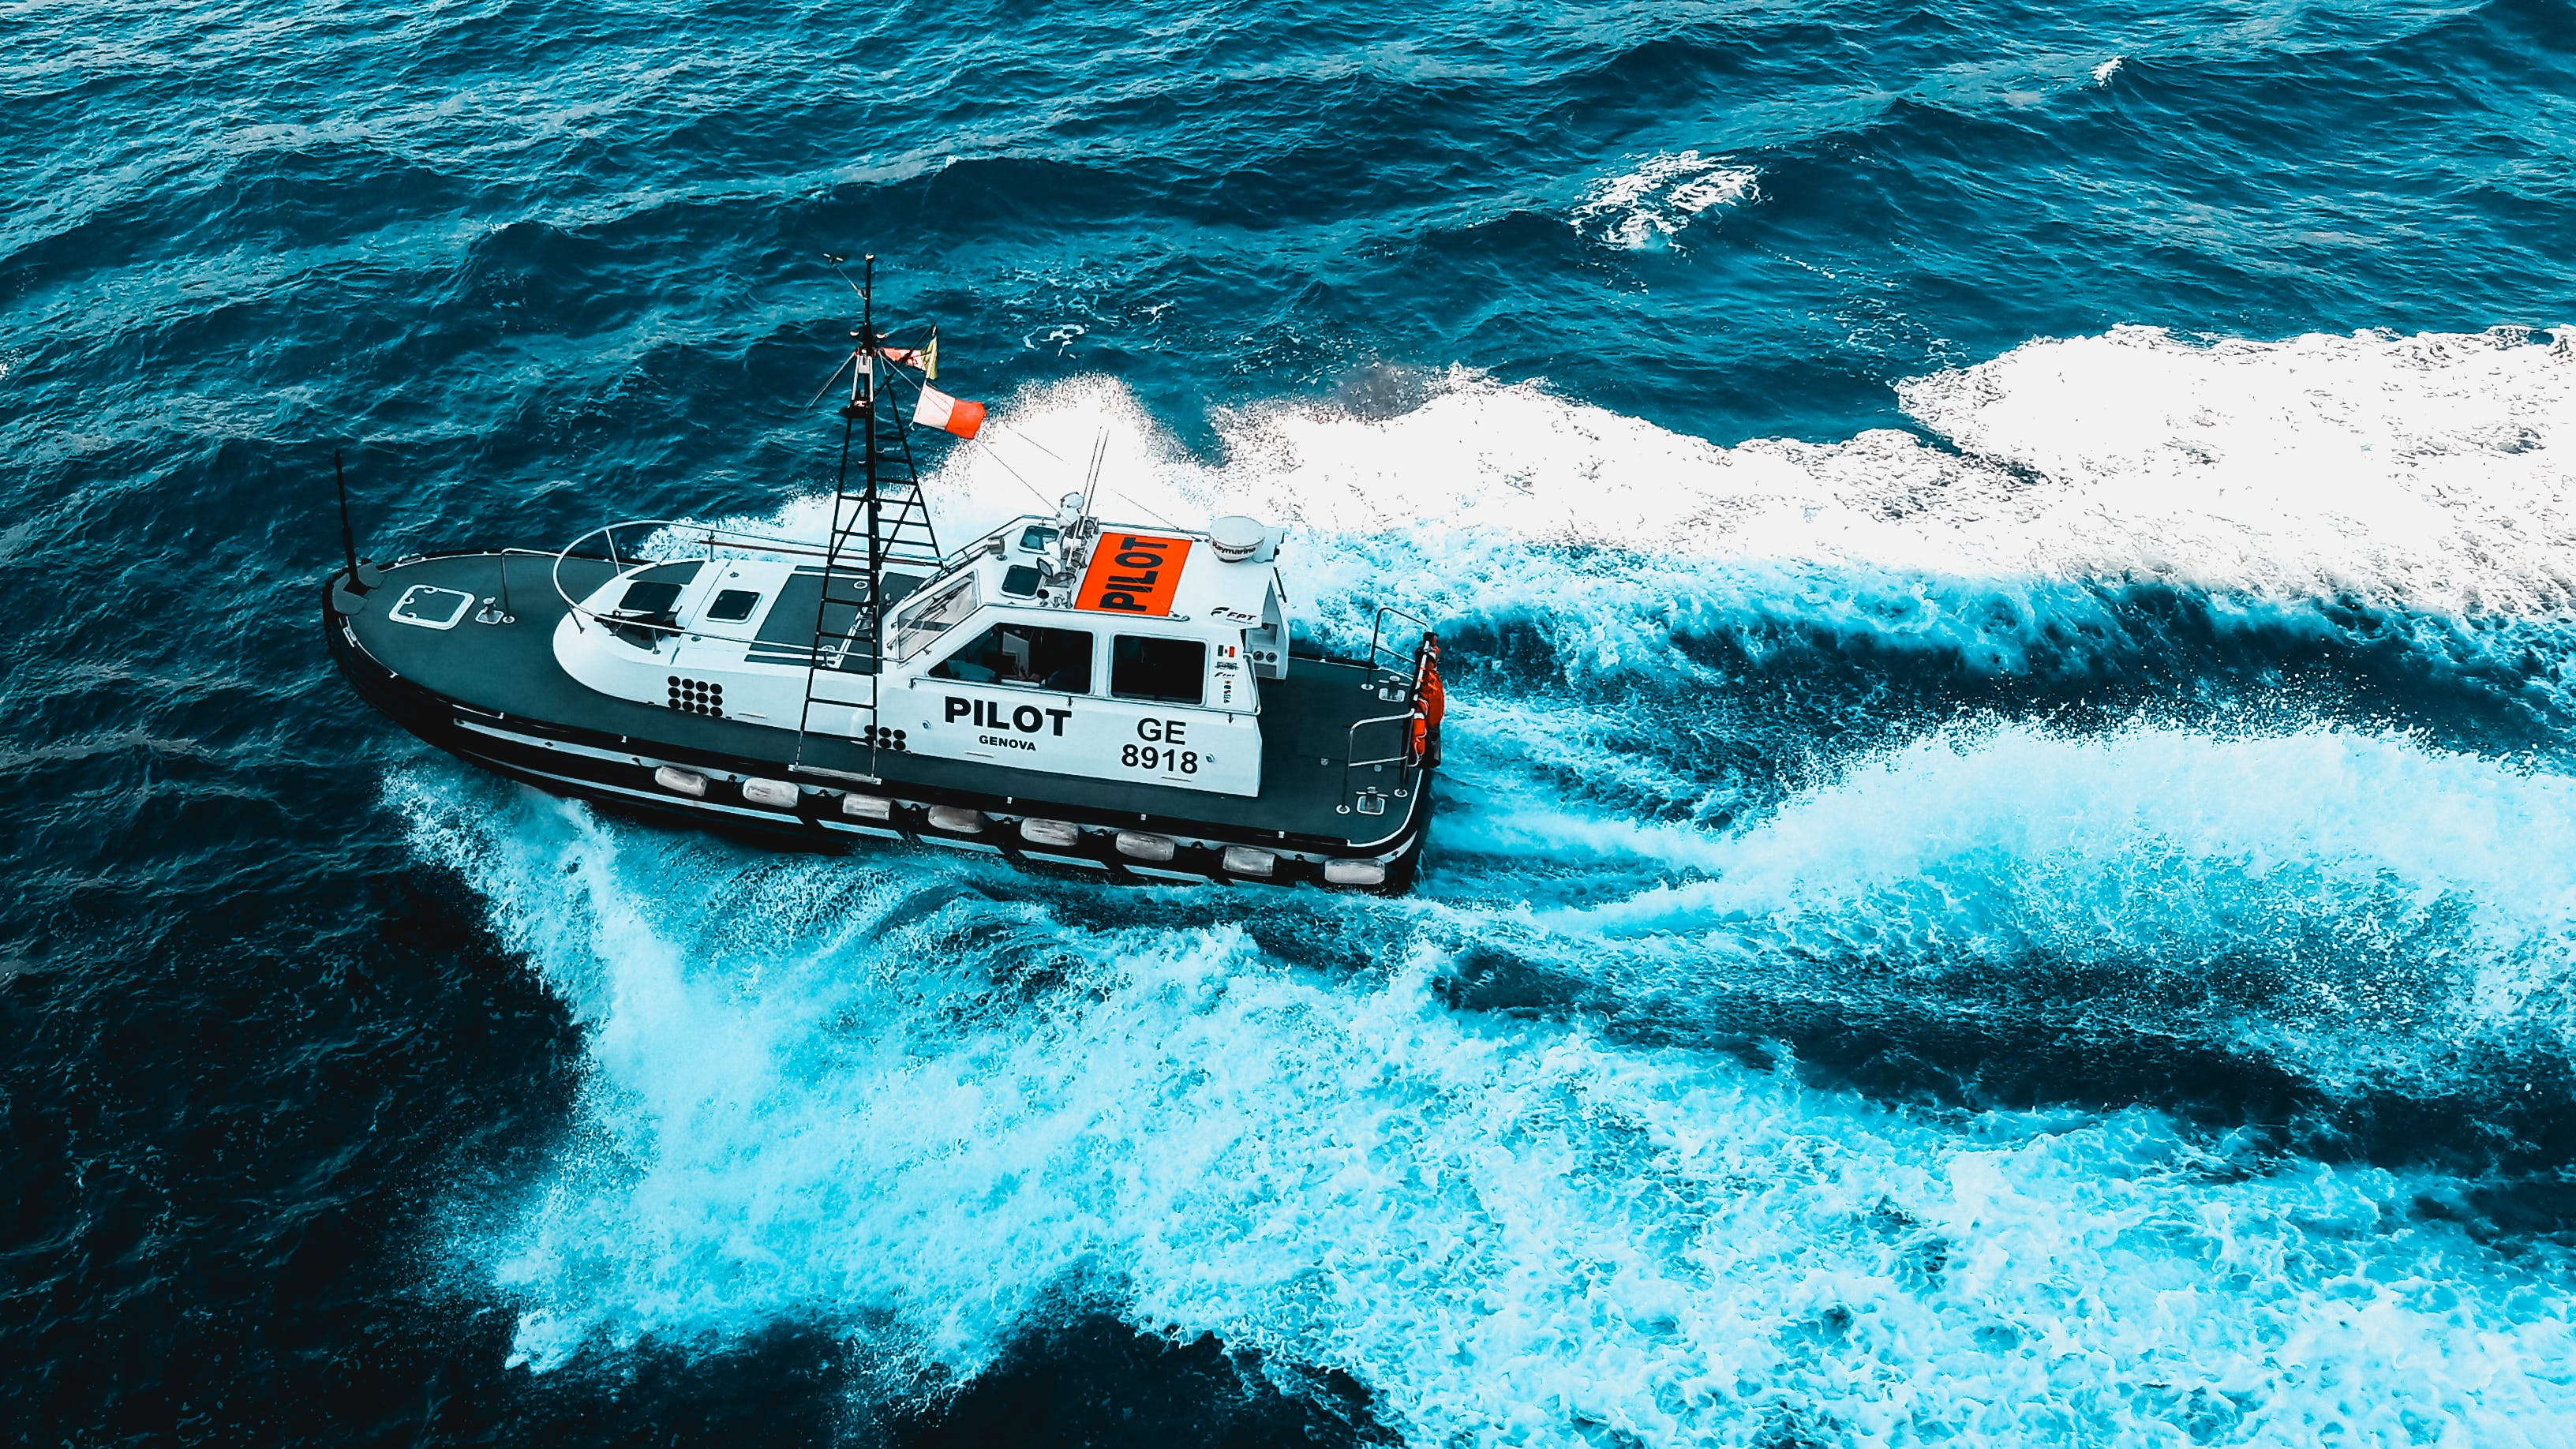 Gratis arkivbilde med båt, bølger, dagslys, fartøy